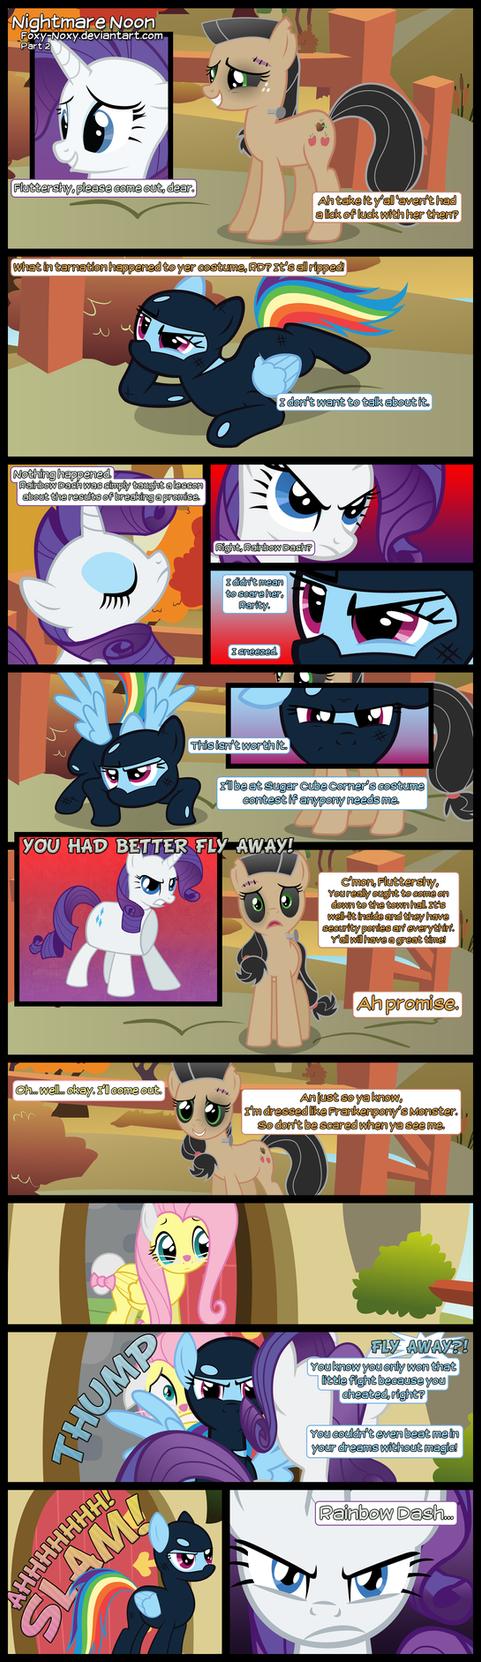 Nightmare Noon - Part 2 by Foxy-Noxy